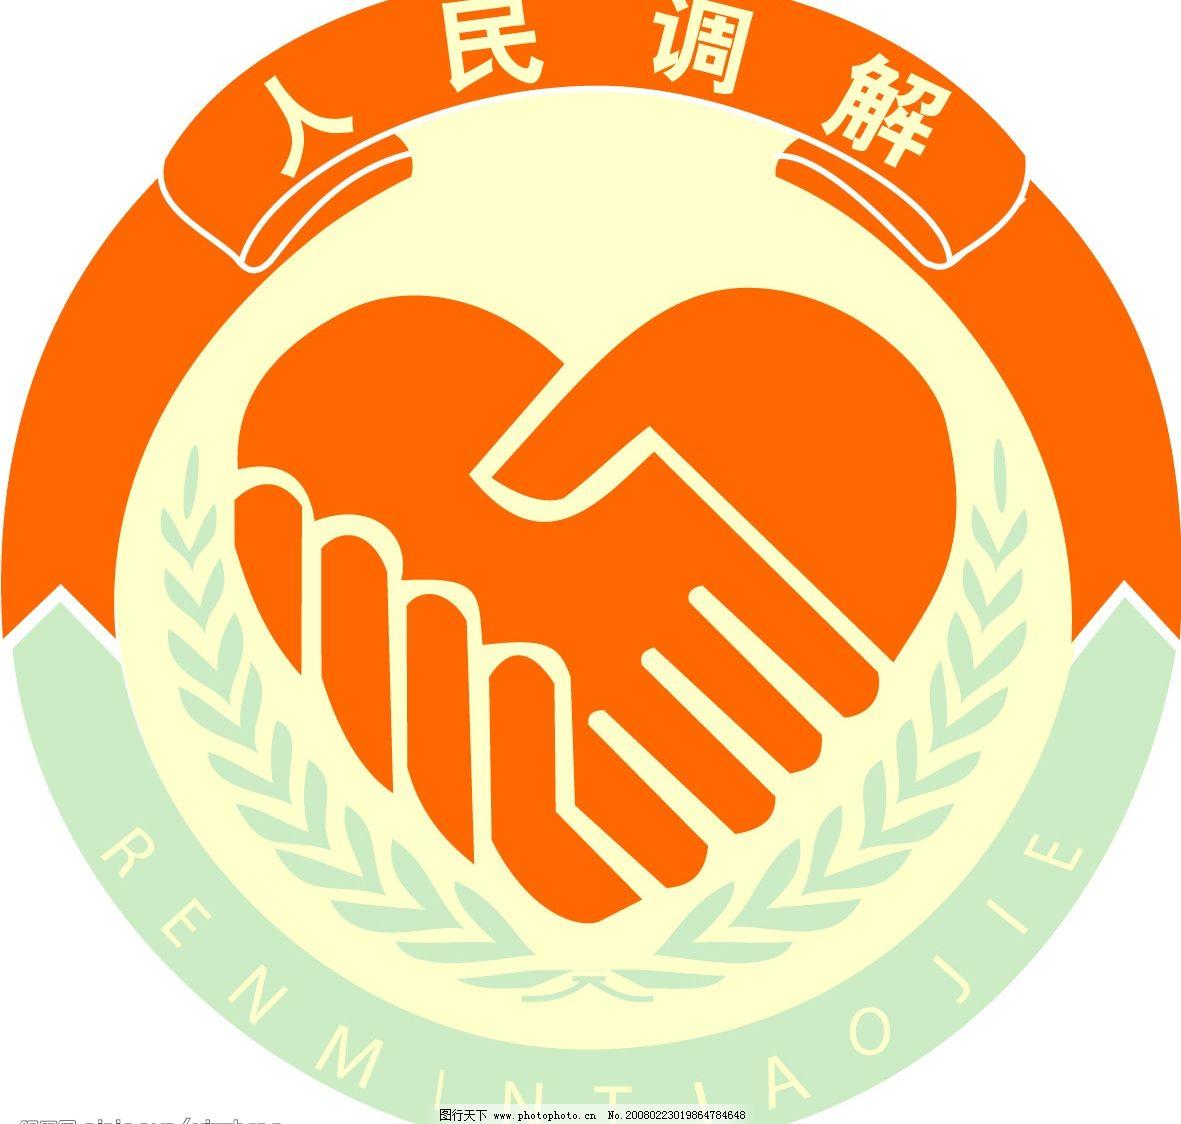 司法标志 标识标志图标 公共标识标志 常用标识标志 矢量图库   cdr